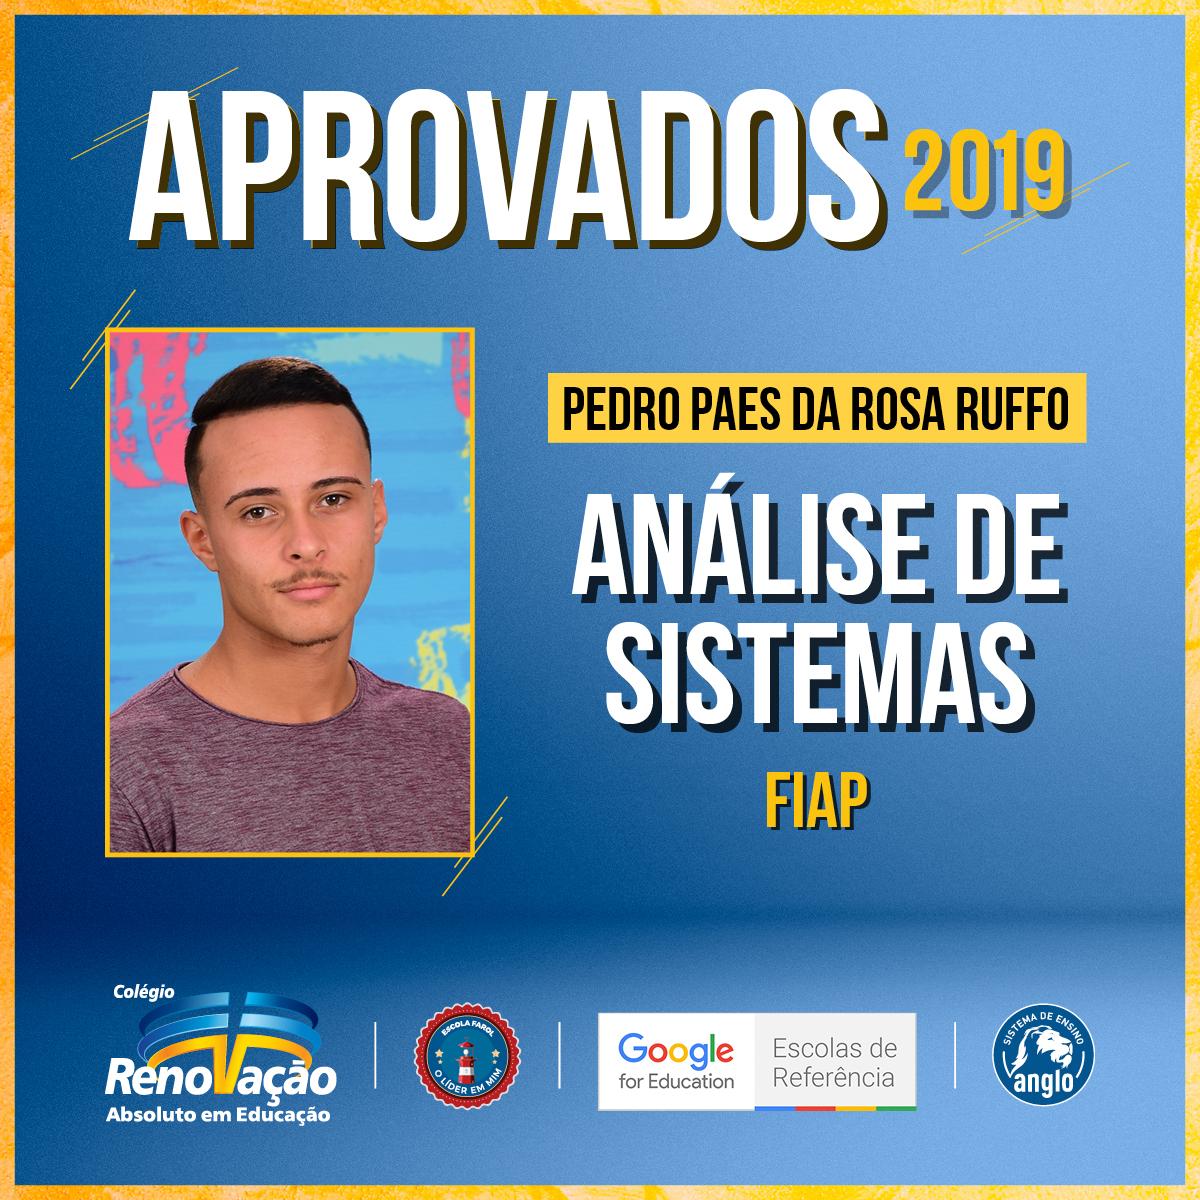 16992_Desdobramentos_Post_BannerAprovados2019_ColegioRenovacaoSP35